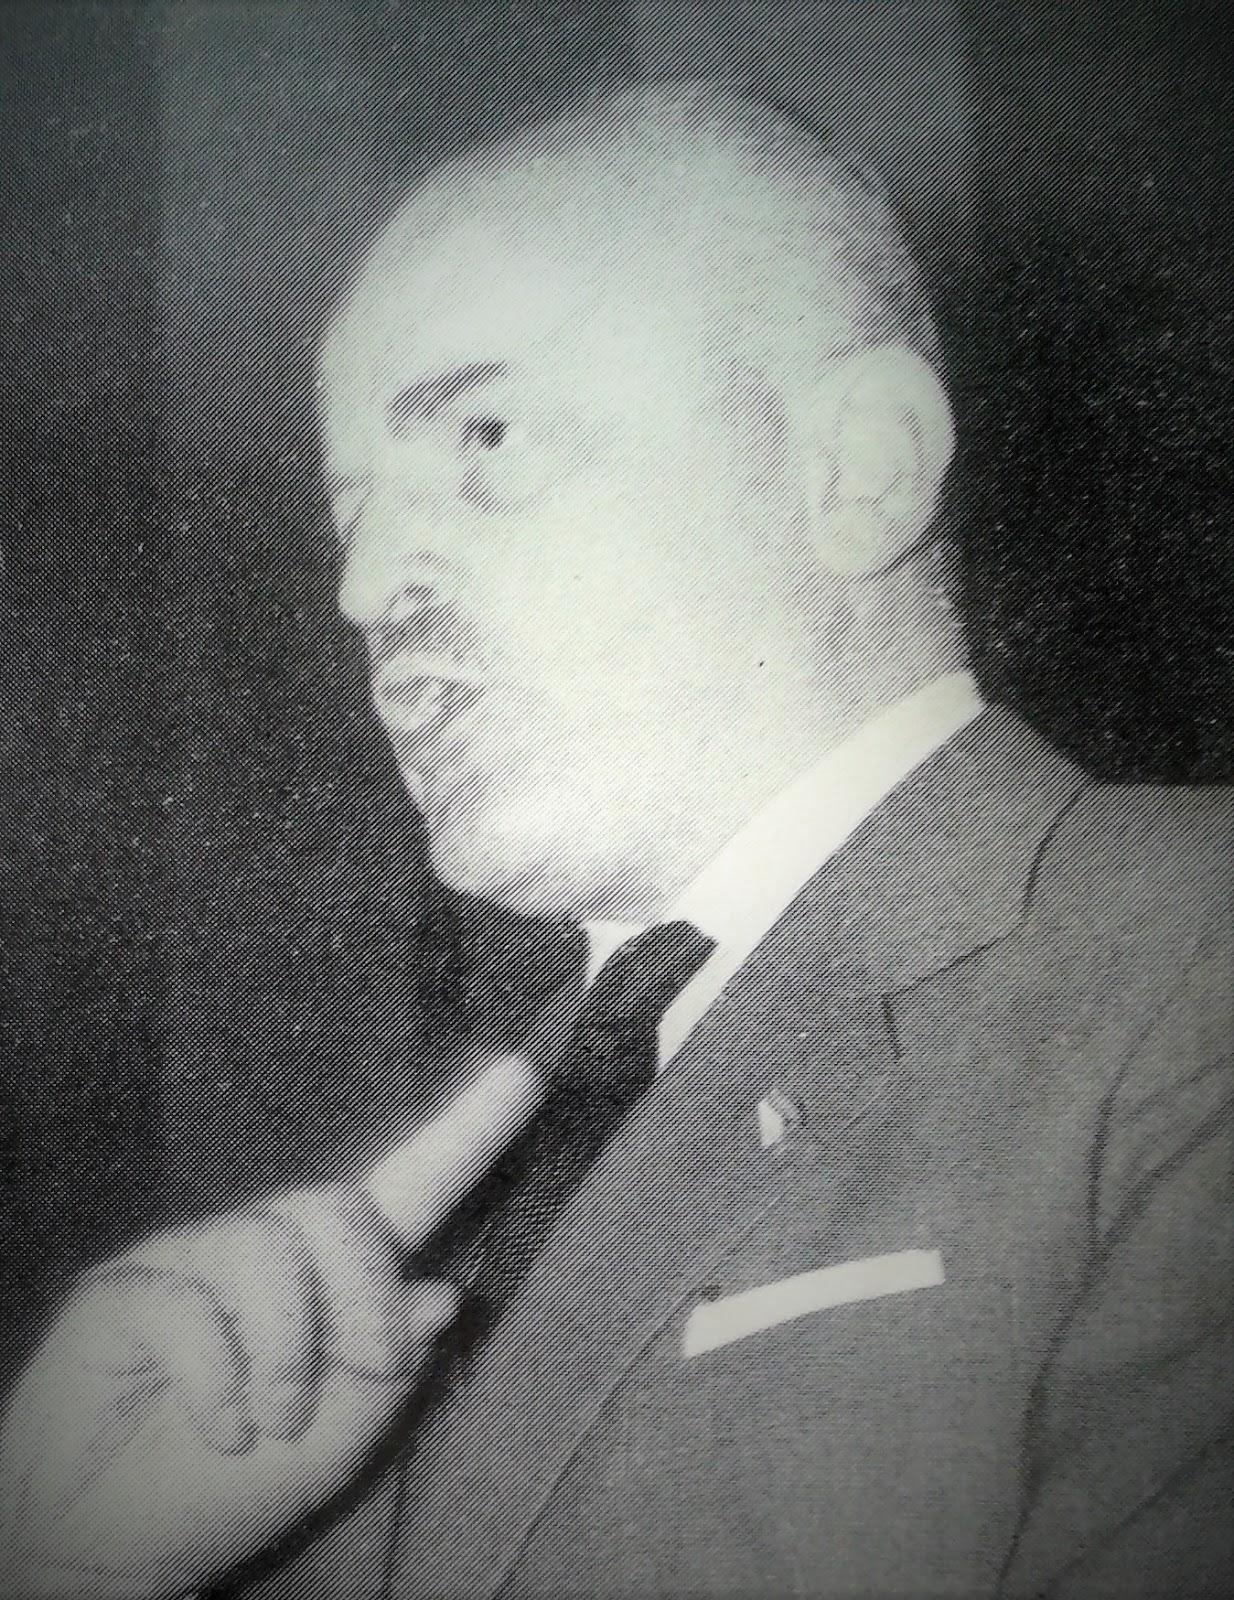 Хуан Карлос Гойенече